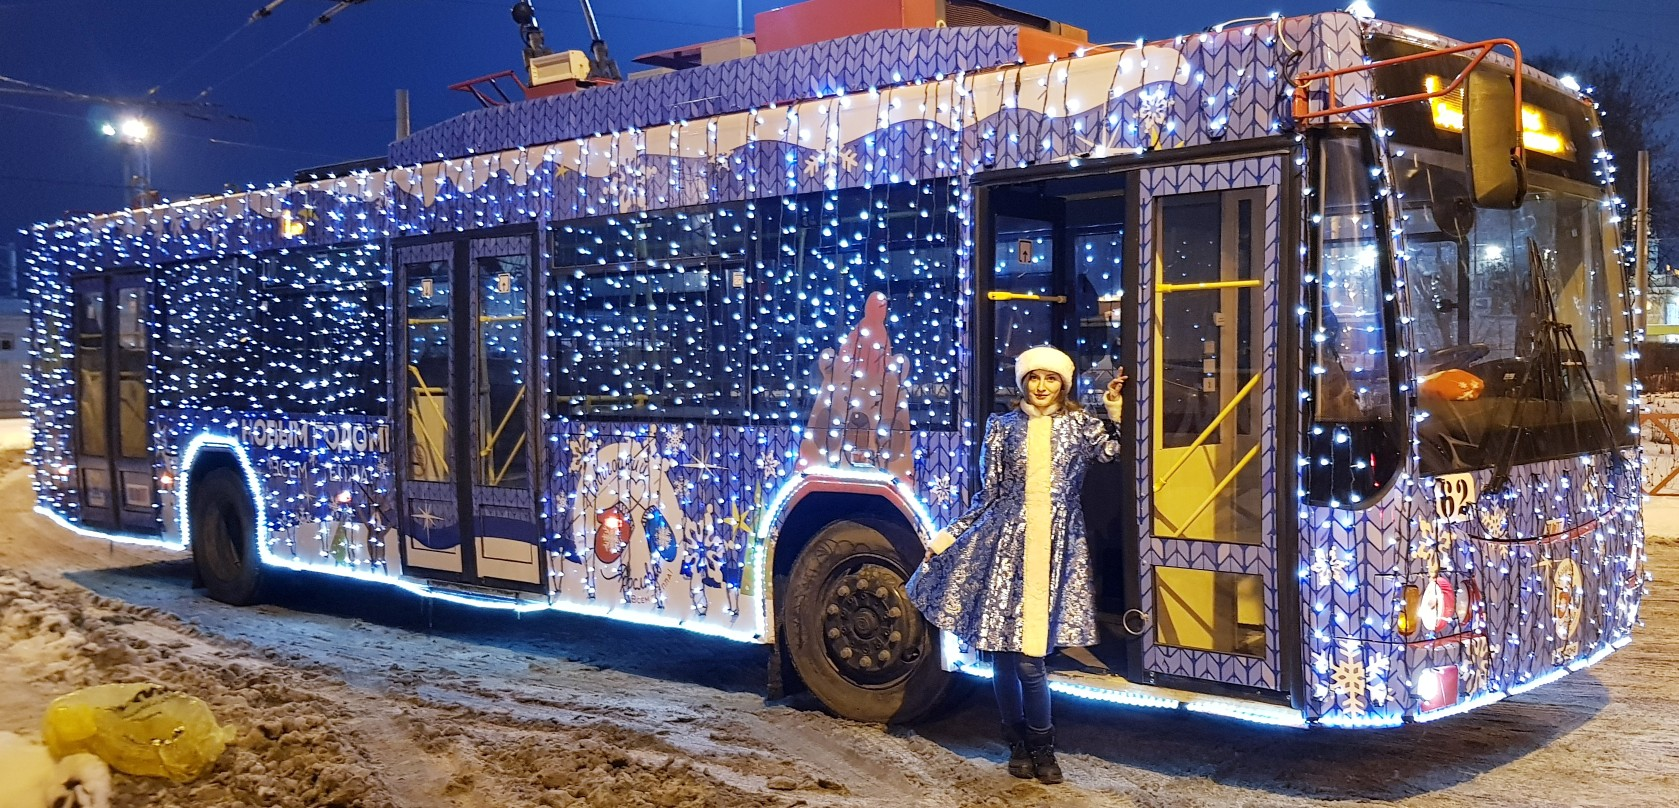 По Ярославлю пустят «Волшебный троллейбус»: когда он поедет